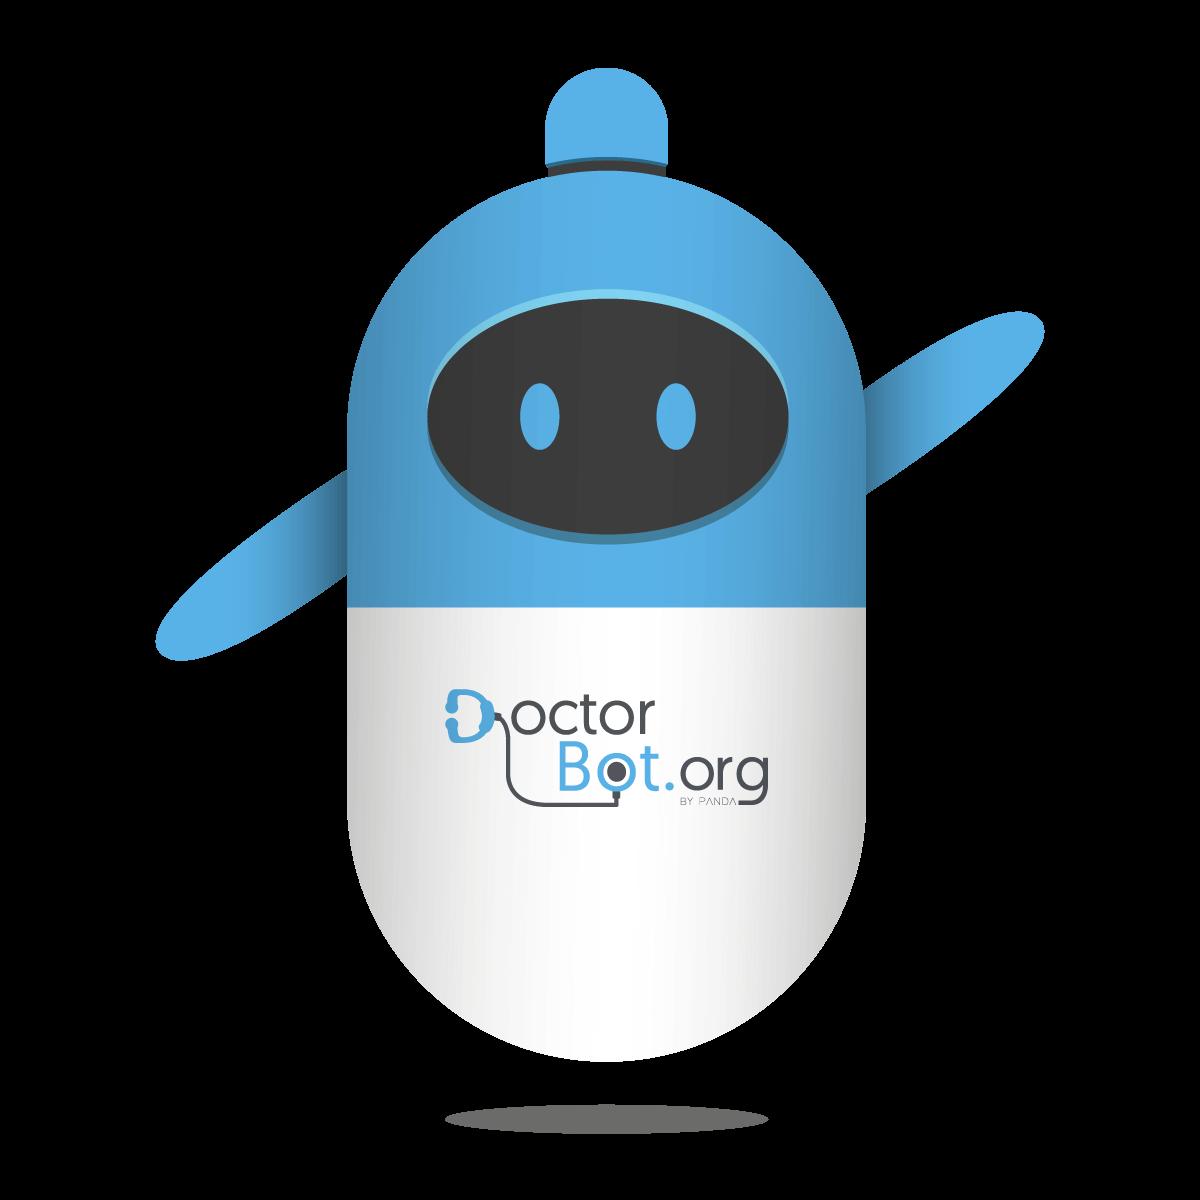 Doctor Bot, a chatbot developer